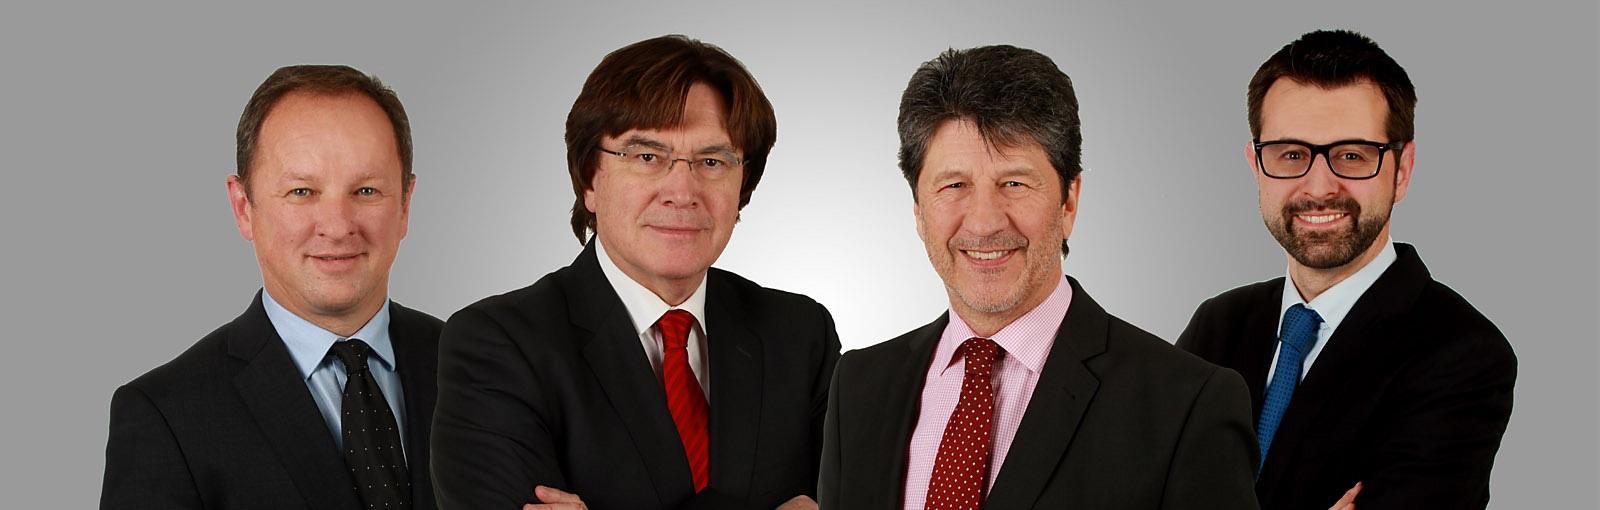 Andreas Gerhard und Moritz Eschbach Rechtsanwälte